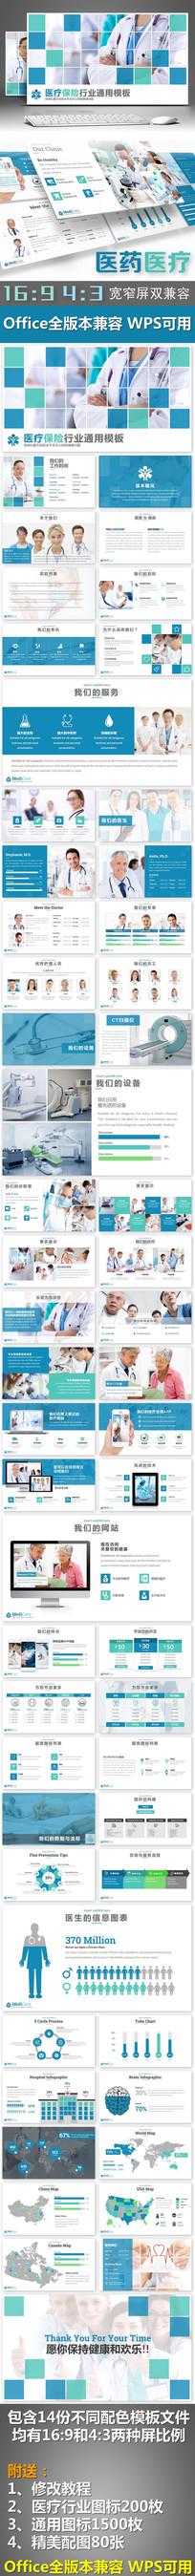 医药医疗美容医生护士PPT